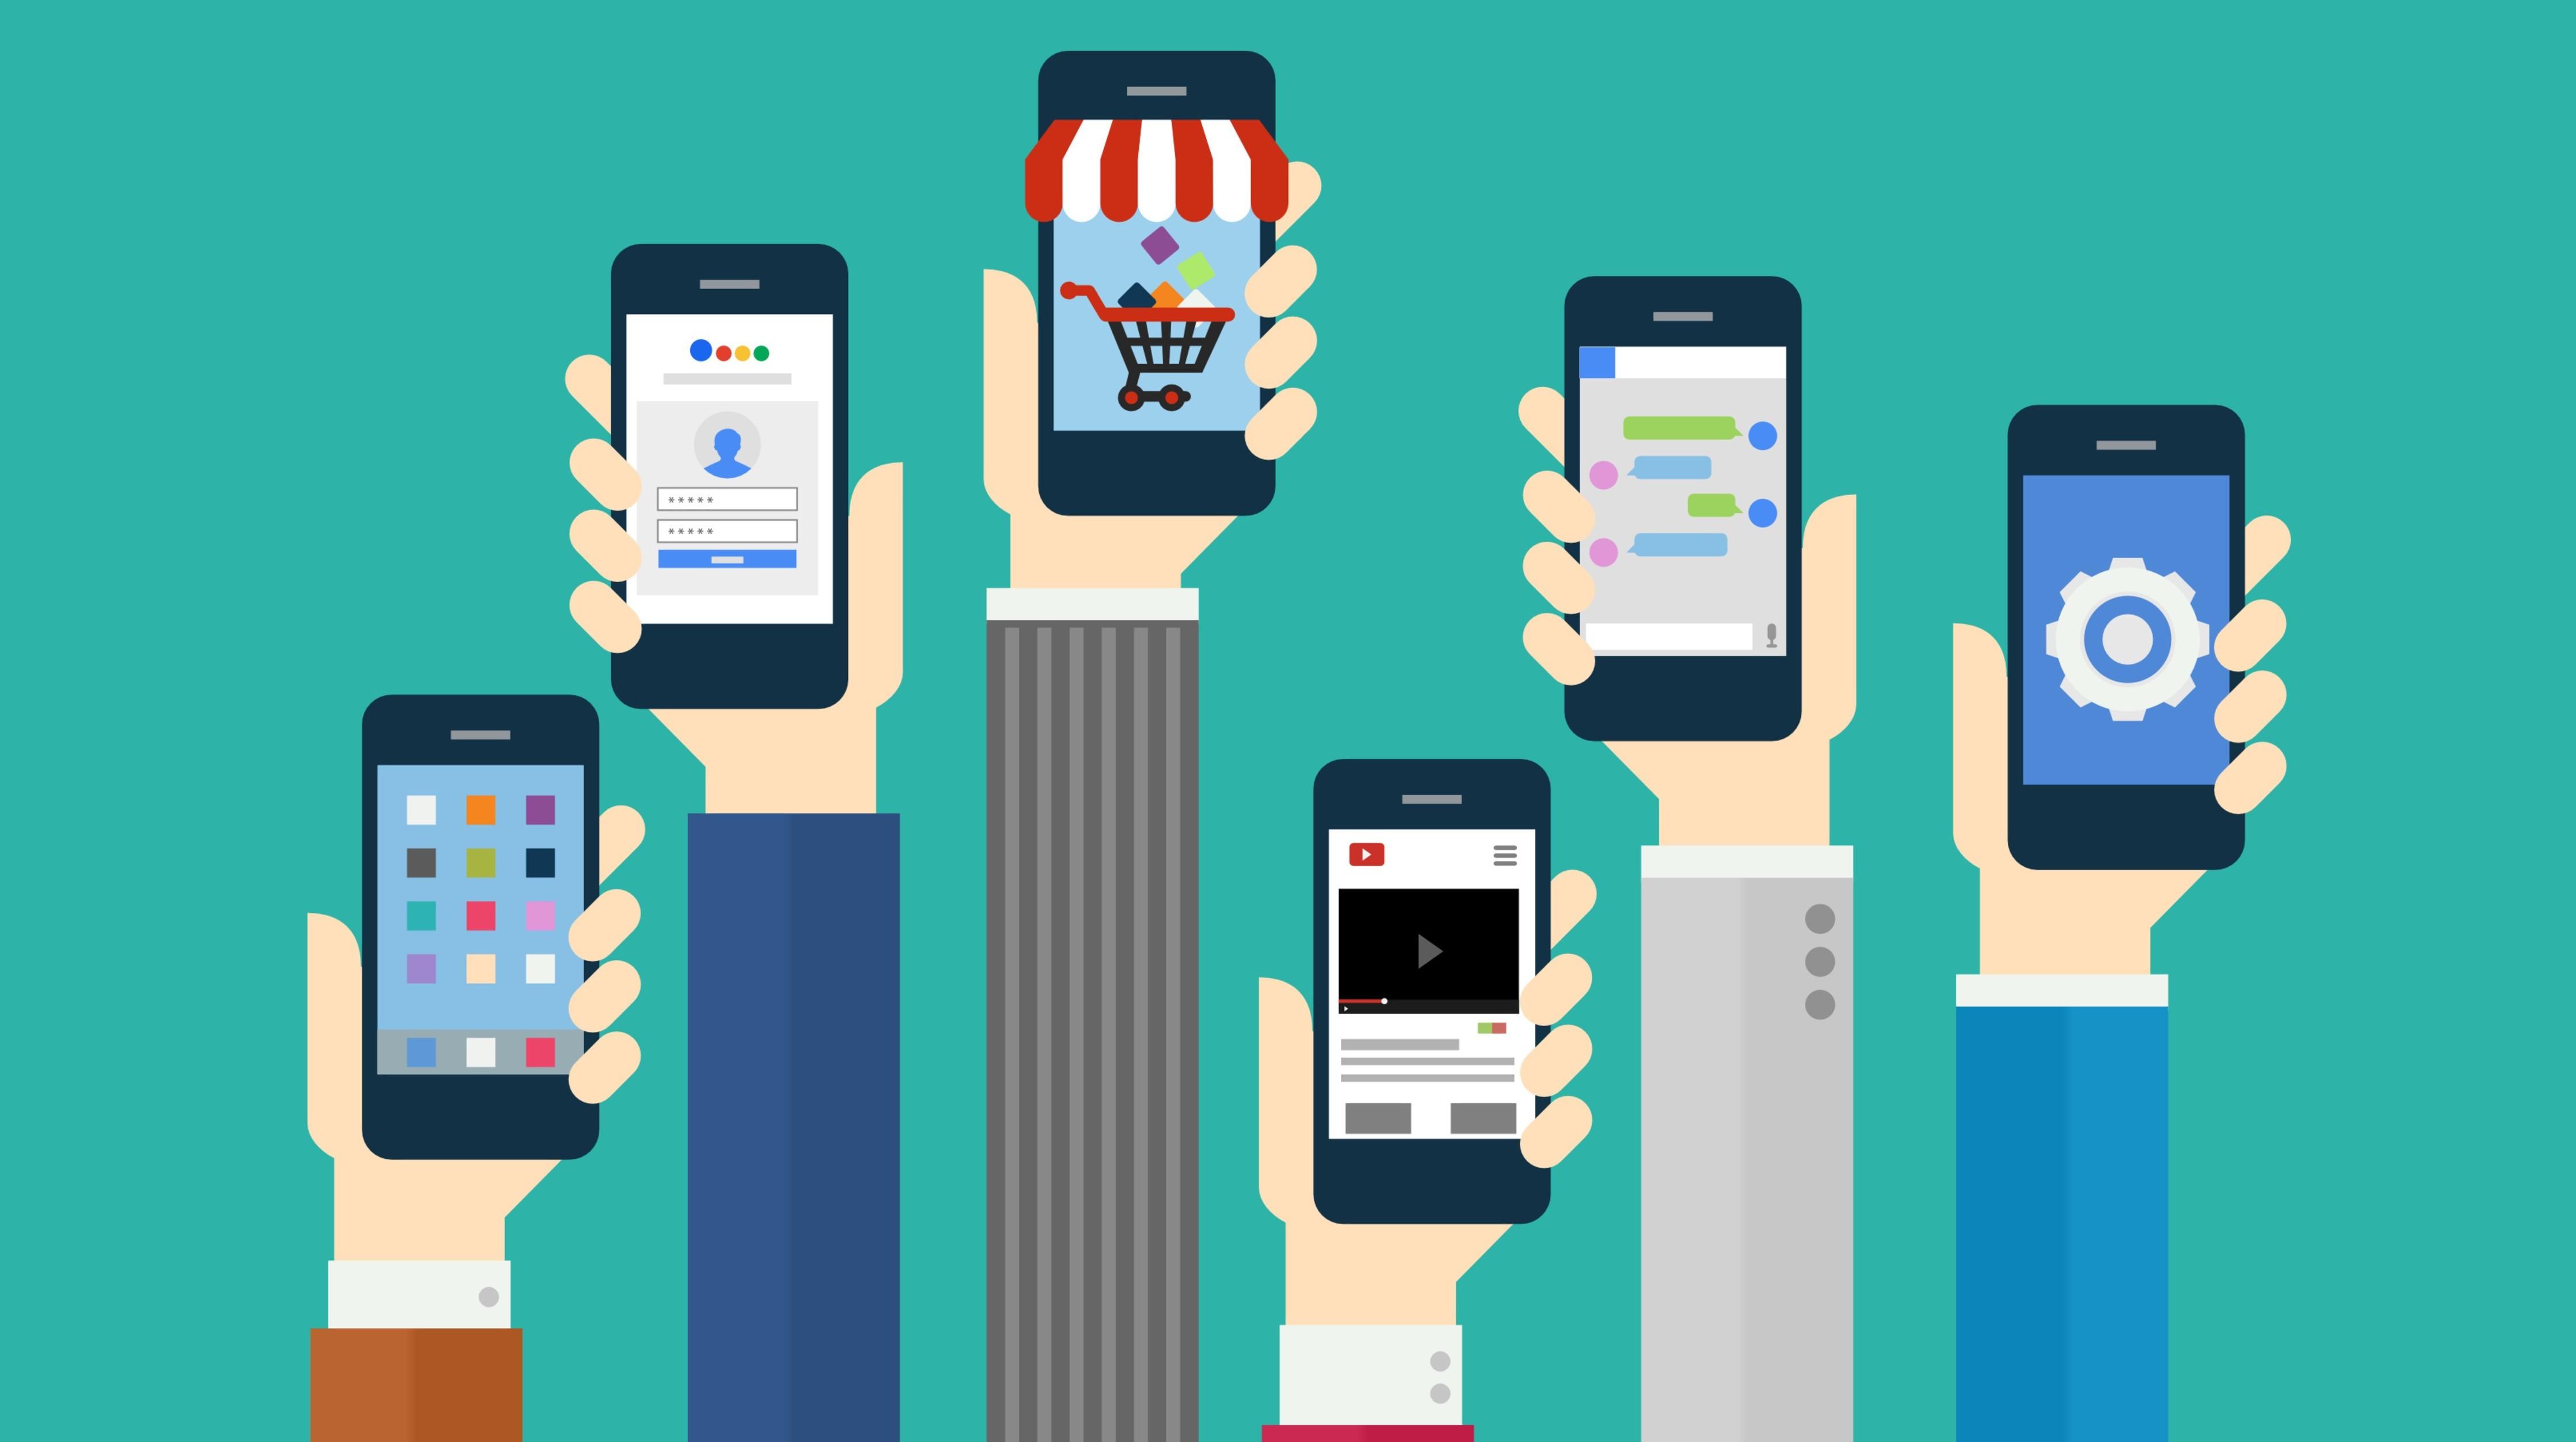 Mobile Marketing là gì? Các hình thức mobile marketing phổ biến hiện nay -  ODOO Việt Nam